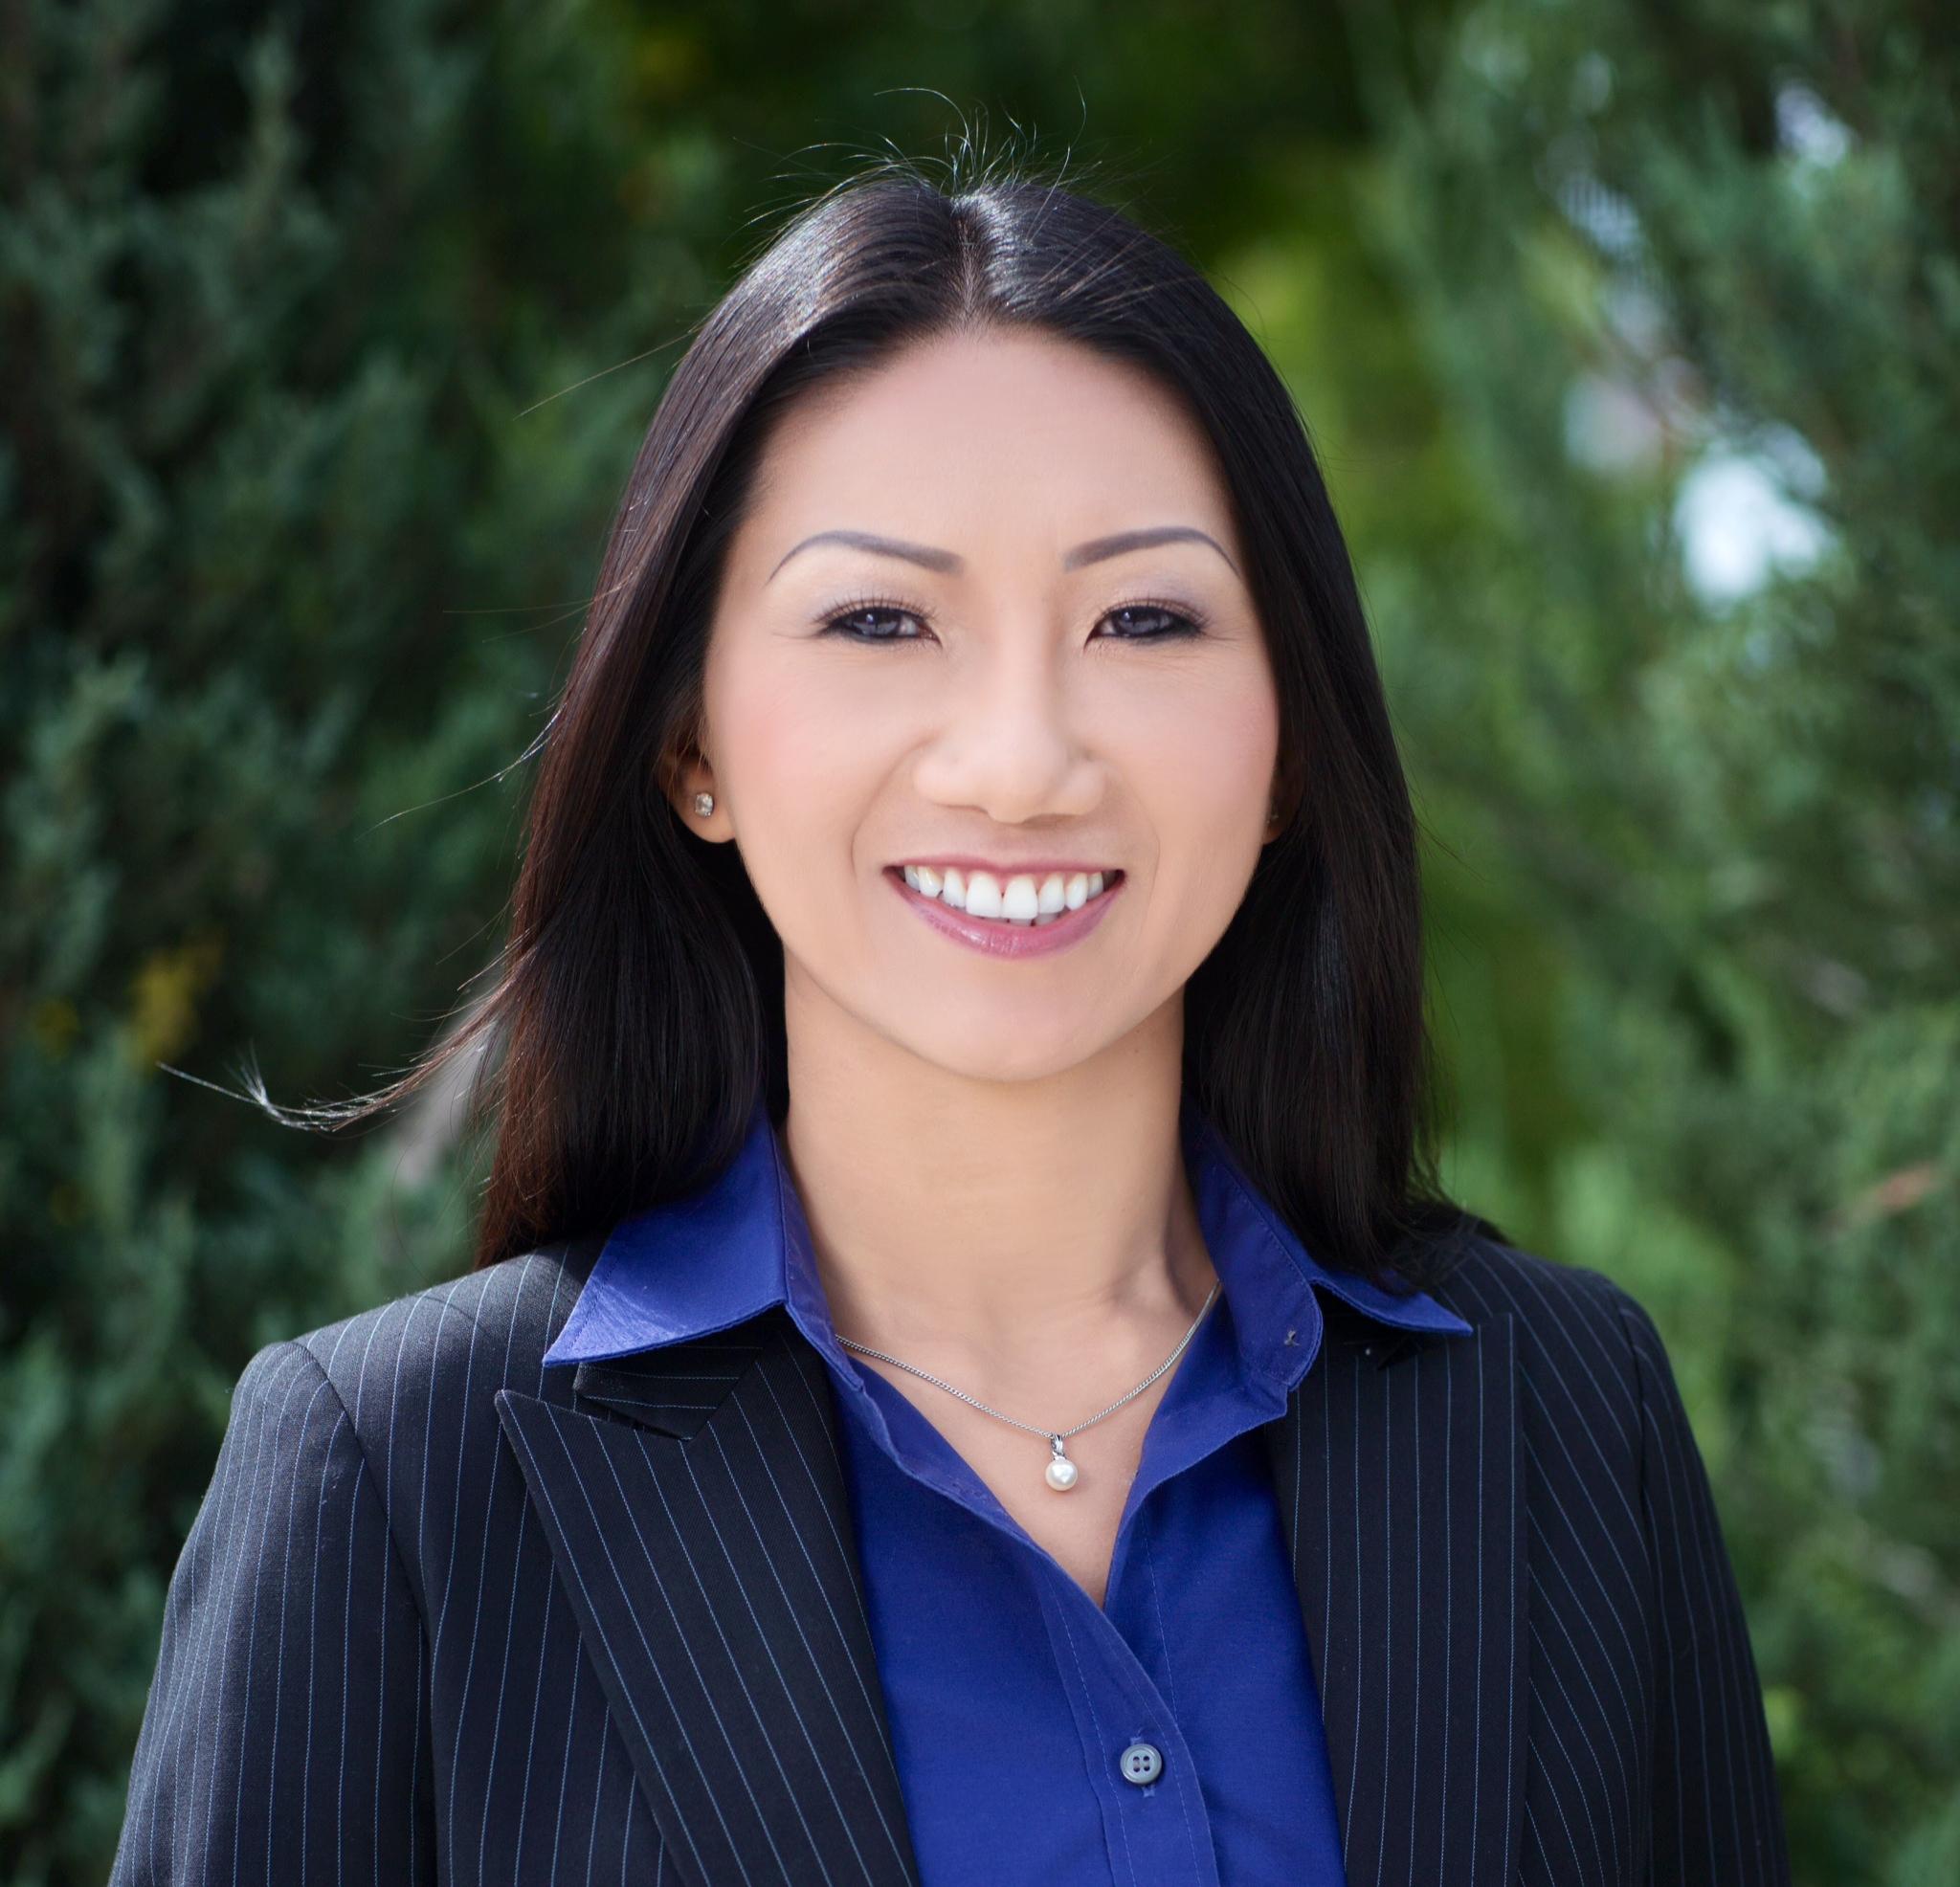 Thiếu vắng đại diện của người Mỹ gốc Việt tại cấp chính quyền thành phố San Jose